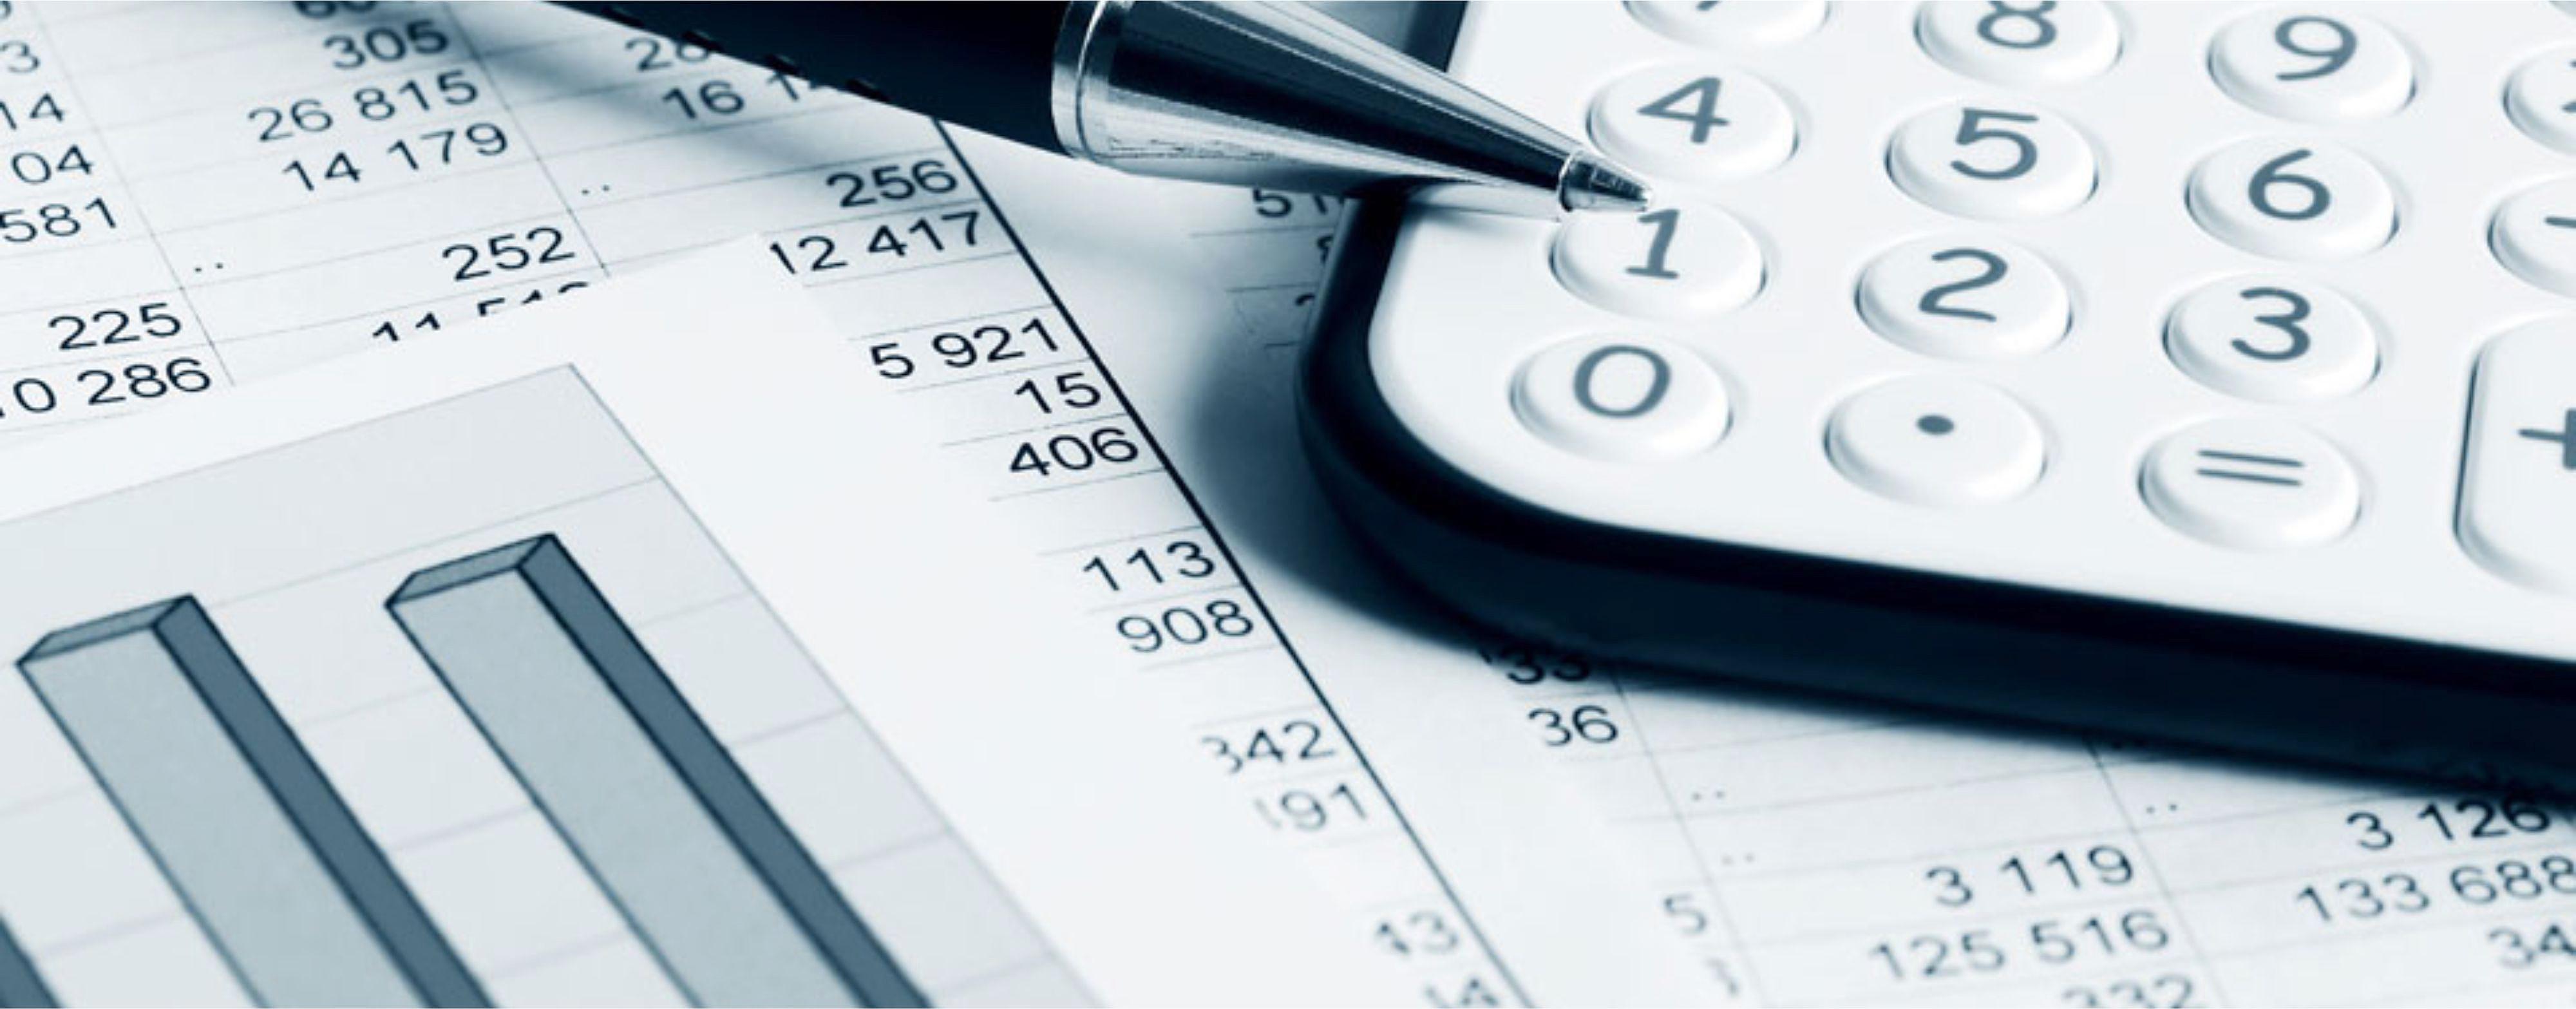 Engenharia de custos segue procedimentos normativos e de planejamento. Crédito: Divulgação